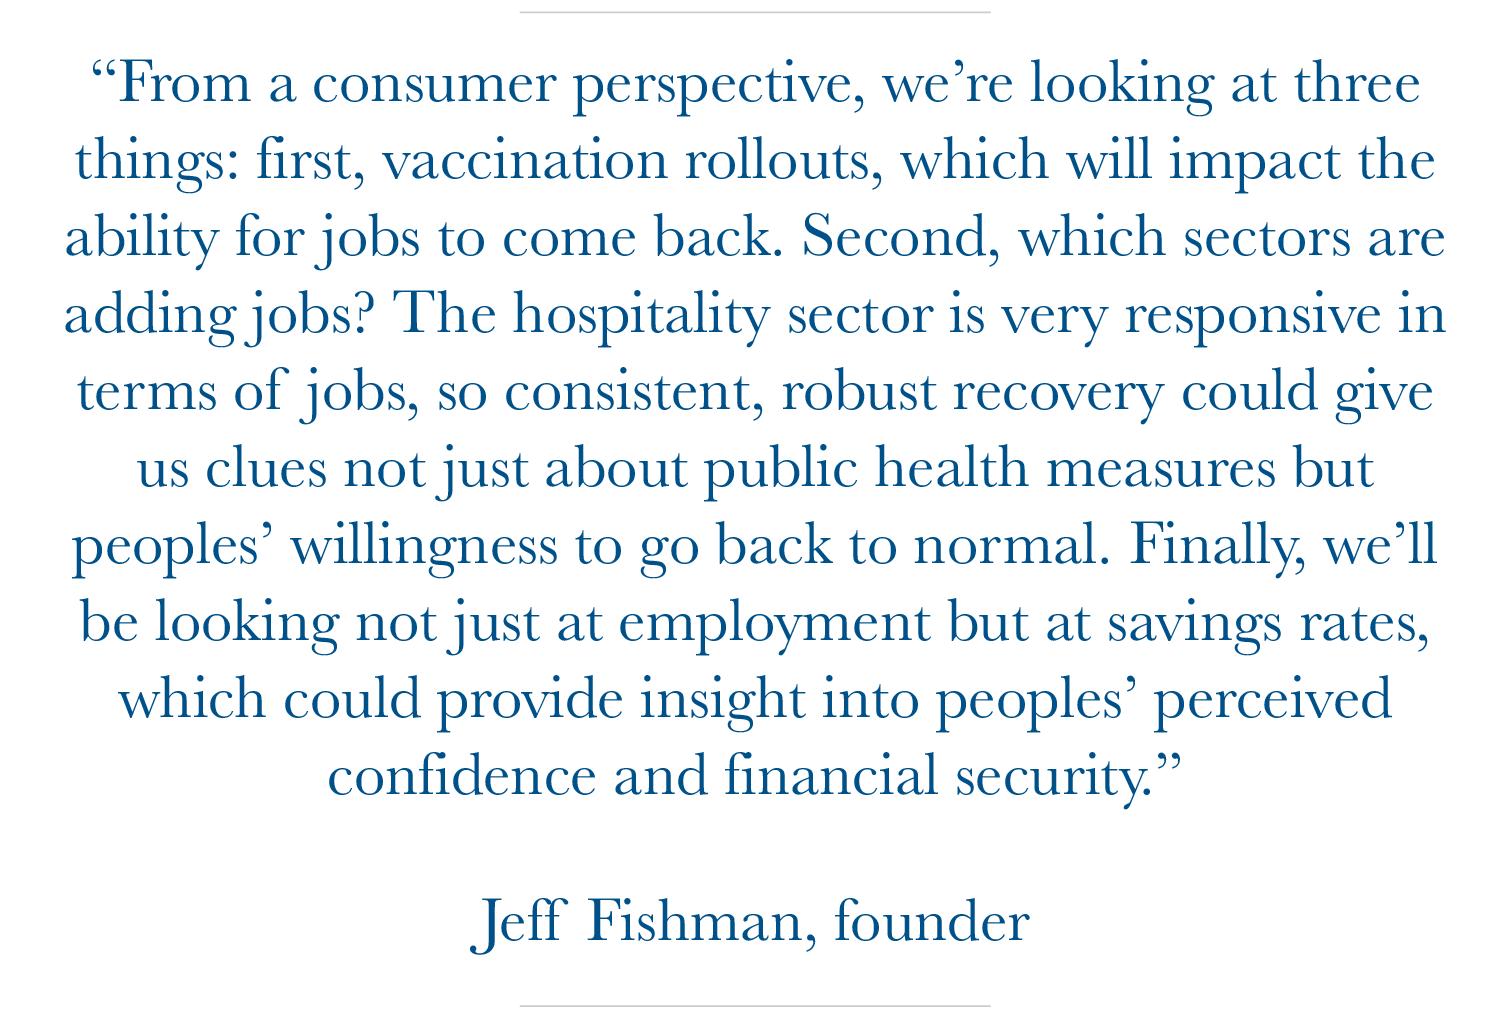 Jeff Fisherman's quote